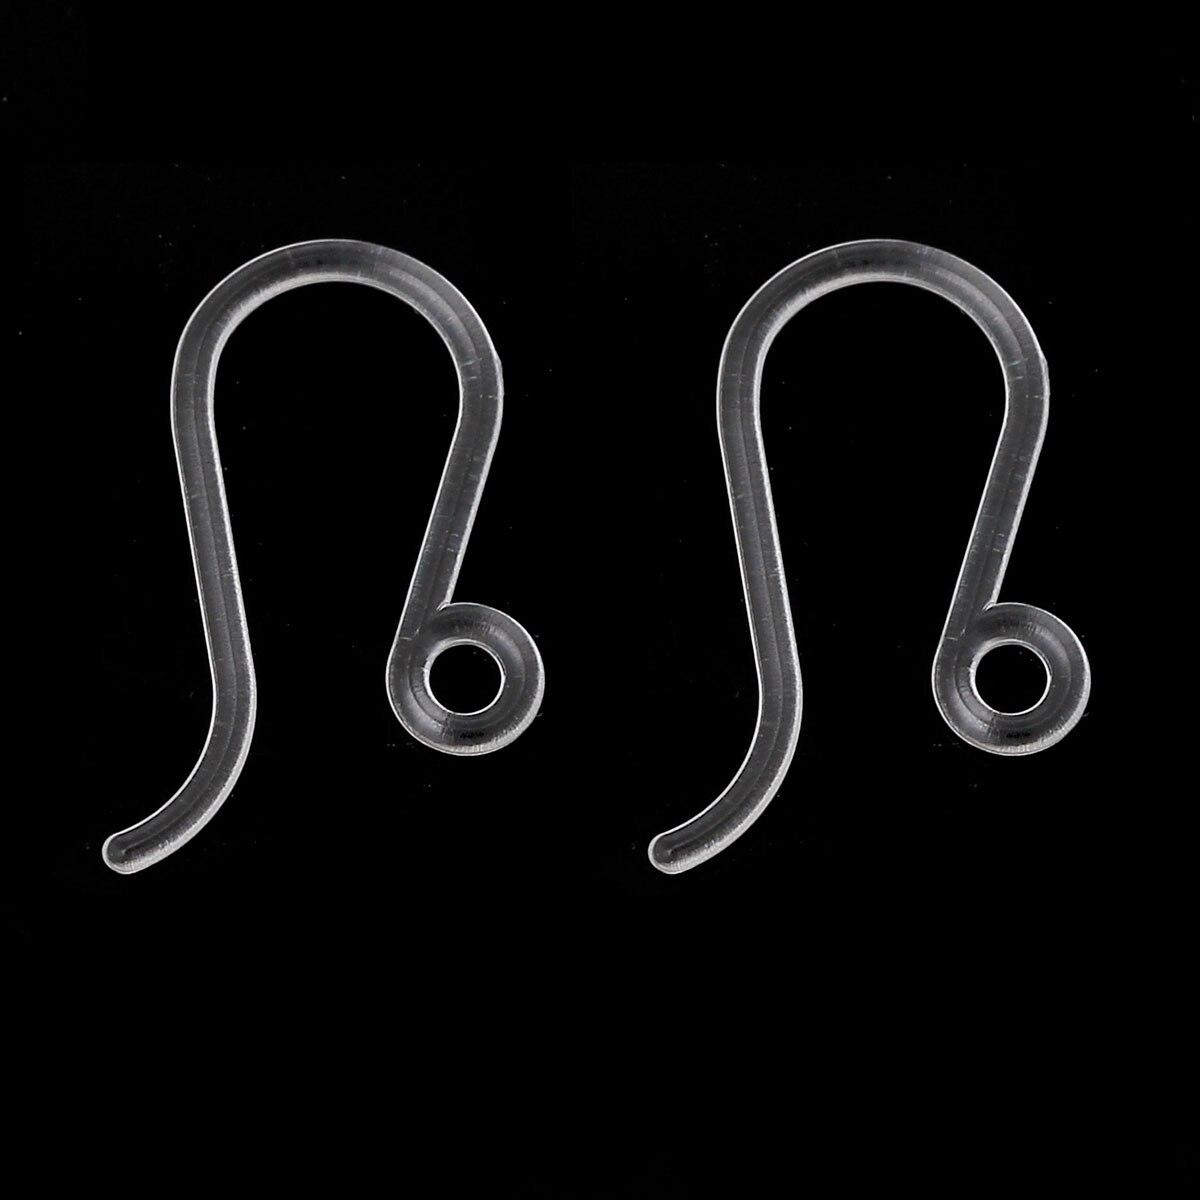 8 сезонов, пластиковые крючки для ушной проволоки, прозрачные серьги с петлей, сделай сам, ювелирные изделия 17 мм x 8 мм, размер поста/провода (...